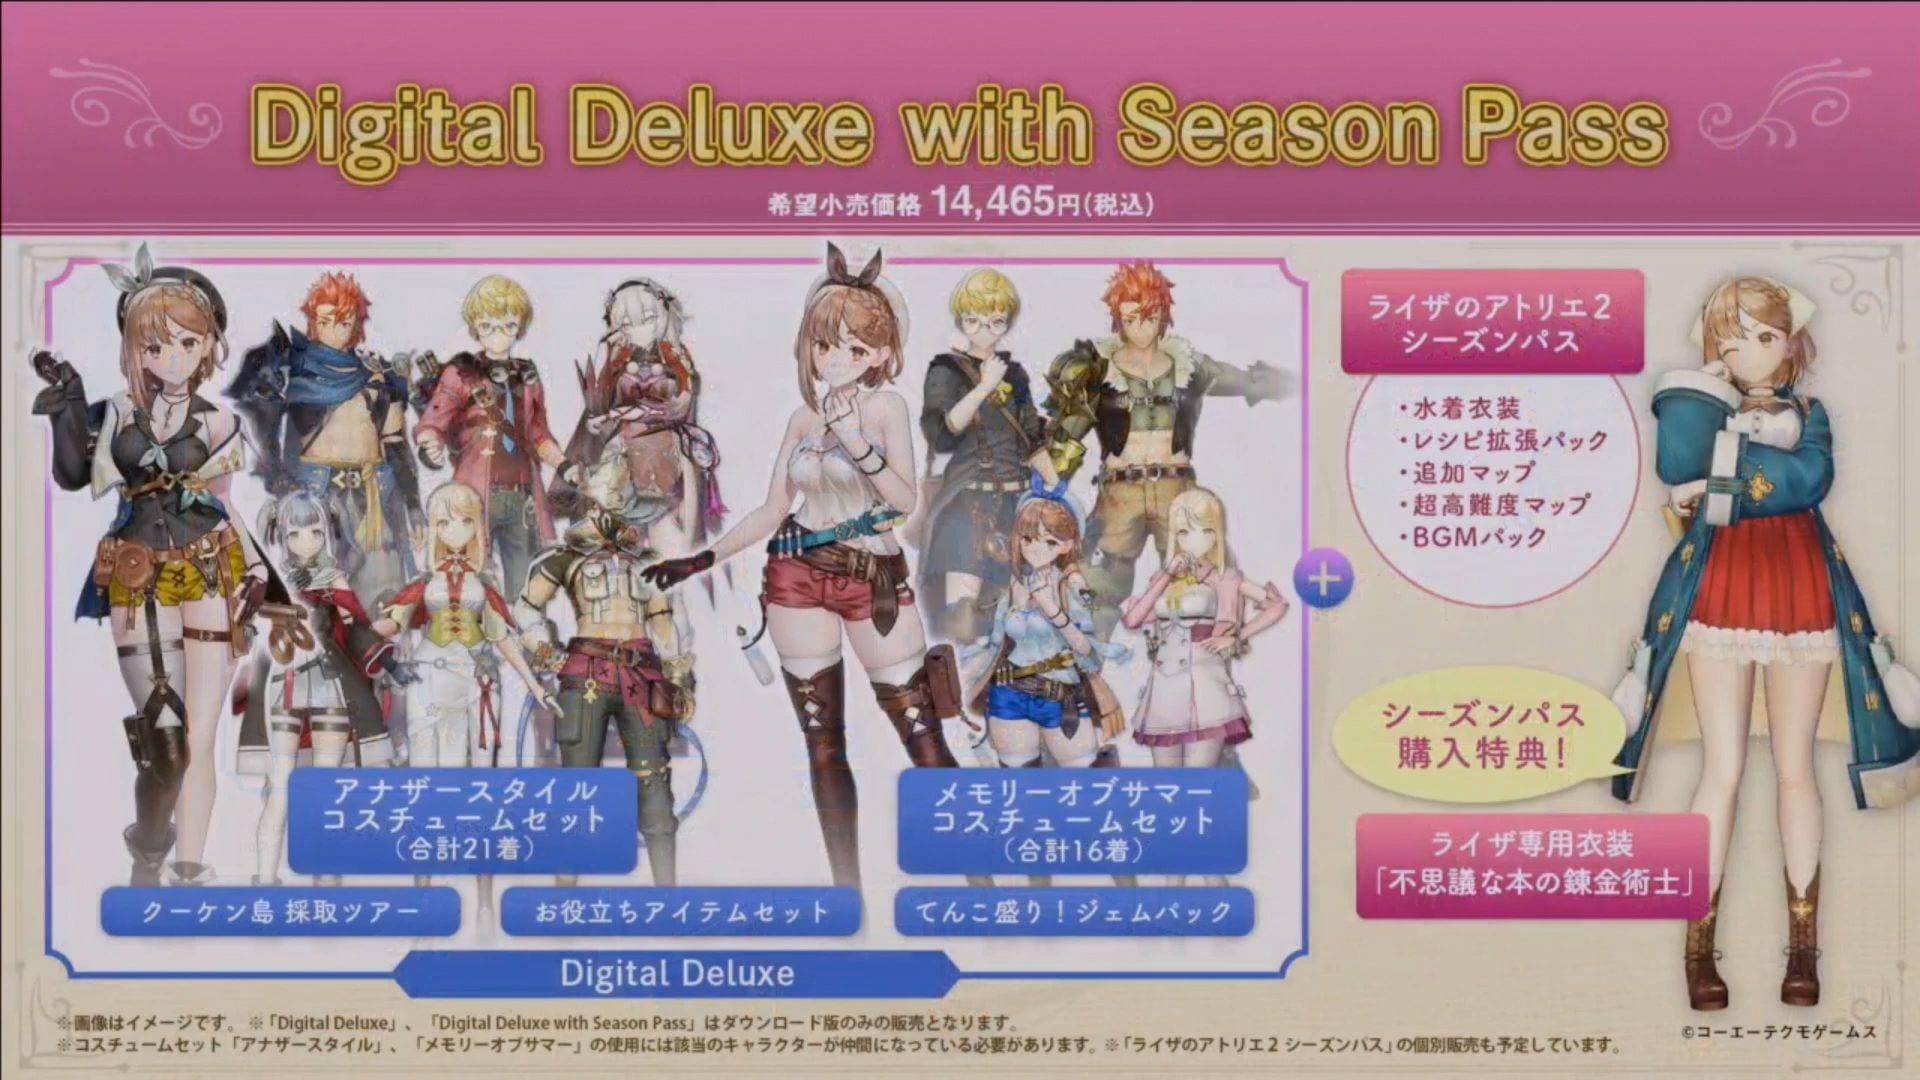 Atelier Ryza 2 Reveals New Gameplay, Theme Tune, Digital Deluxe Editions, & Inevitable Season Go 2